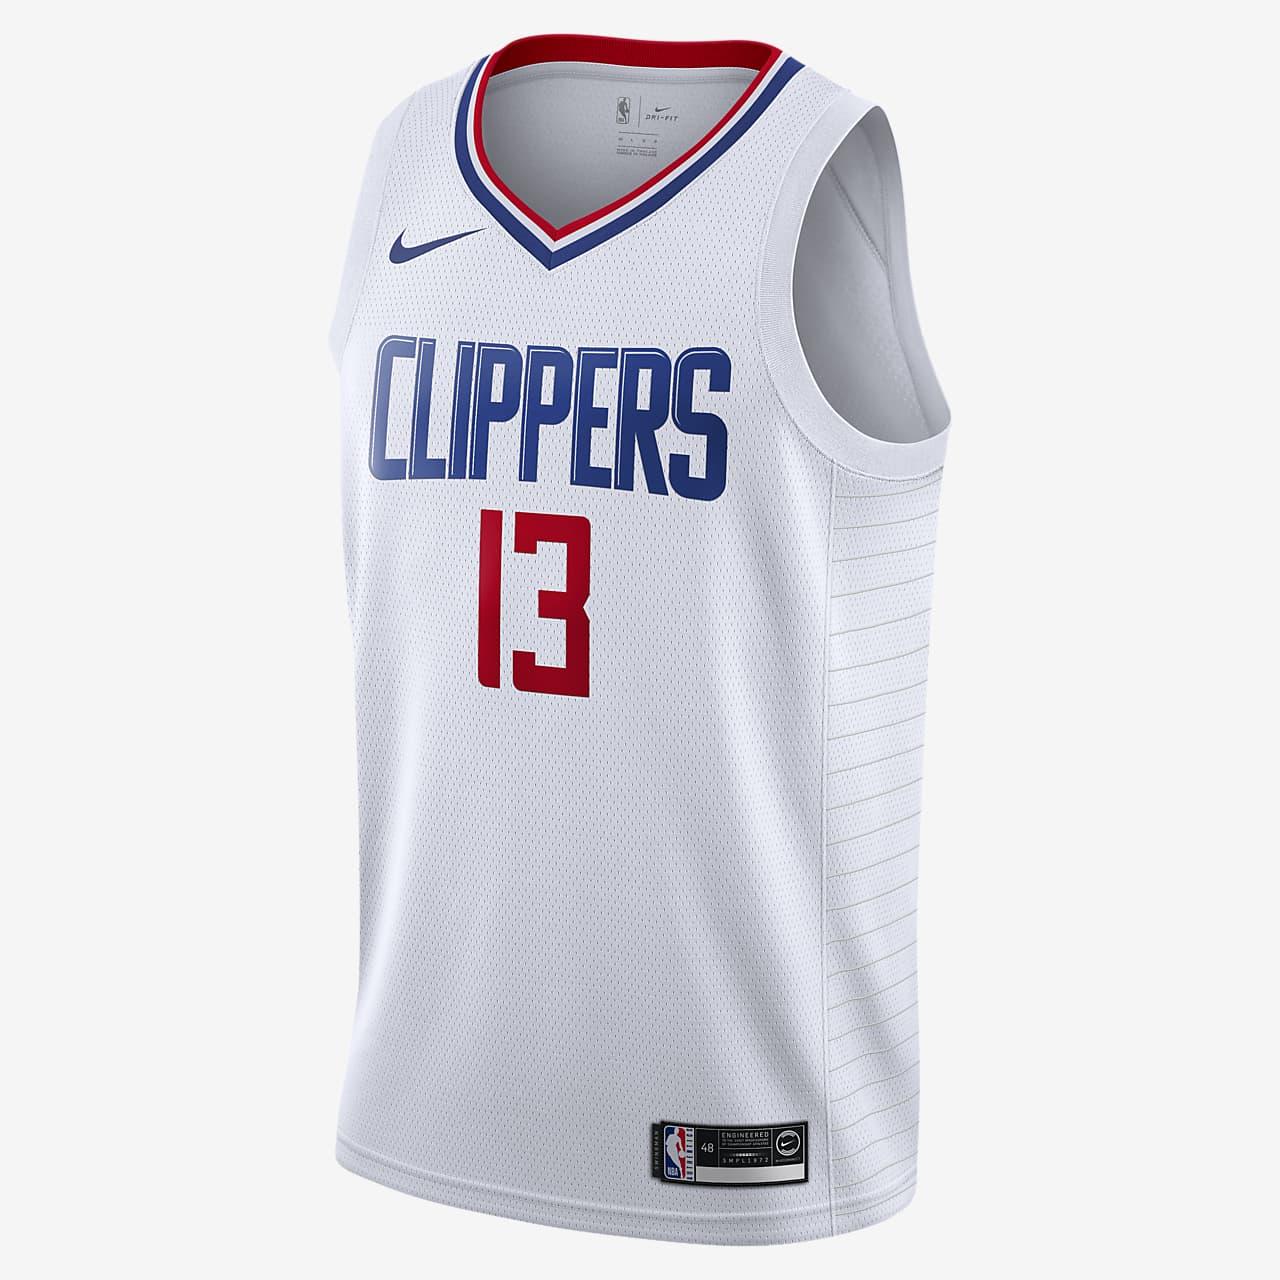 洛杉矶快船队 (Paul George) Association Edition Nike NBA Swingman Jersey 男子球衣